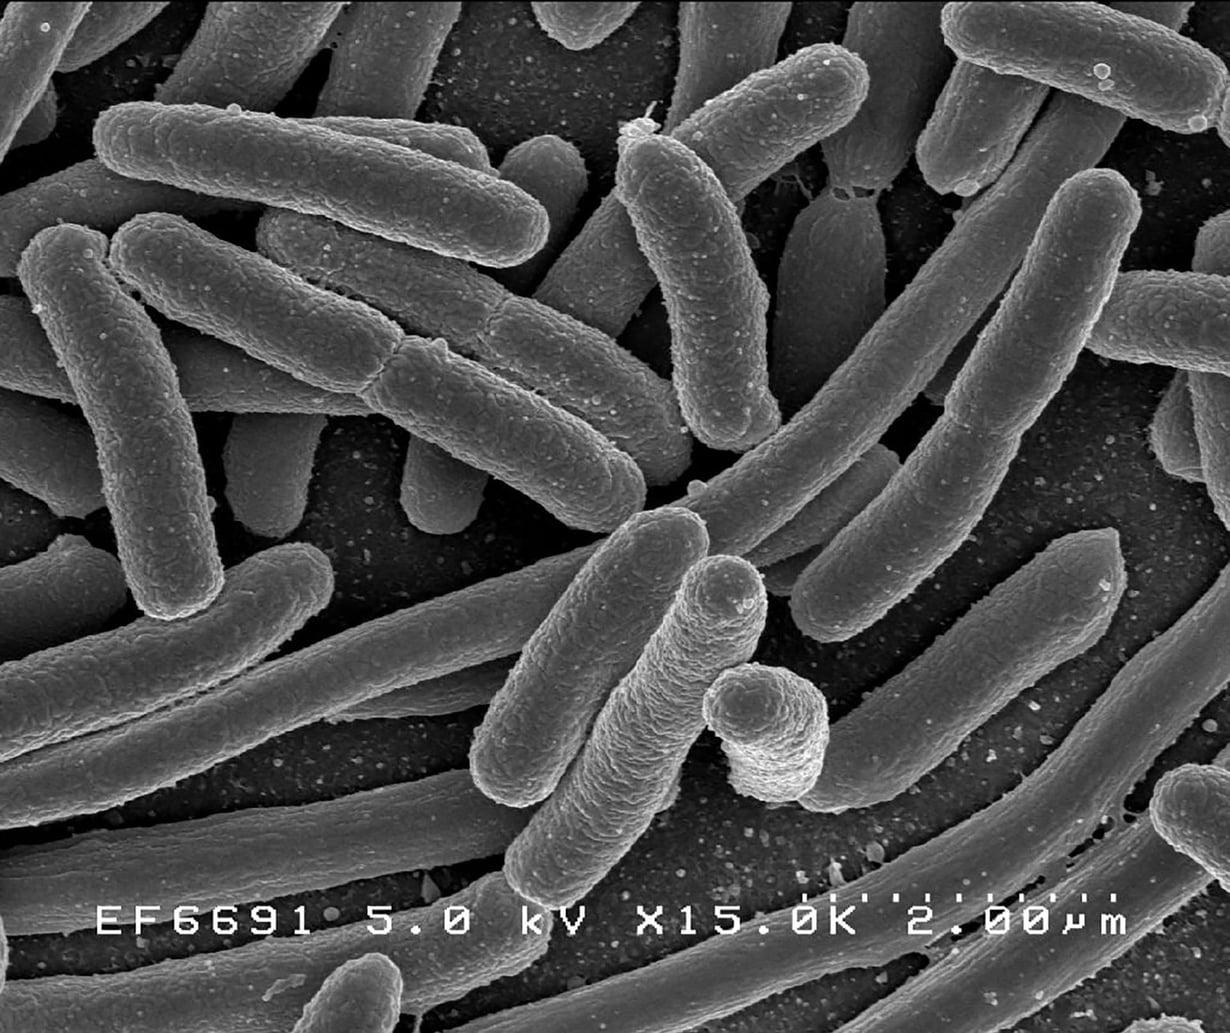 Escherichia coli -bakteeri elektronimikroskoopin kuvassa. Suolistossa majaansa pitävä kolibakteeri lienee tutkituin ja tunnetuin bakteeri. Kuva: Wikimedia Commons